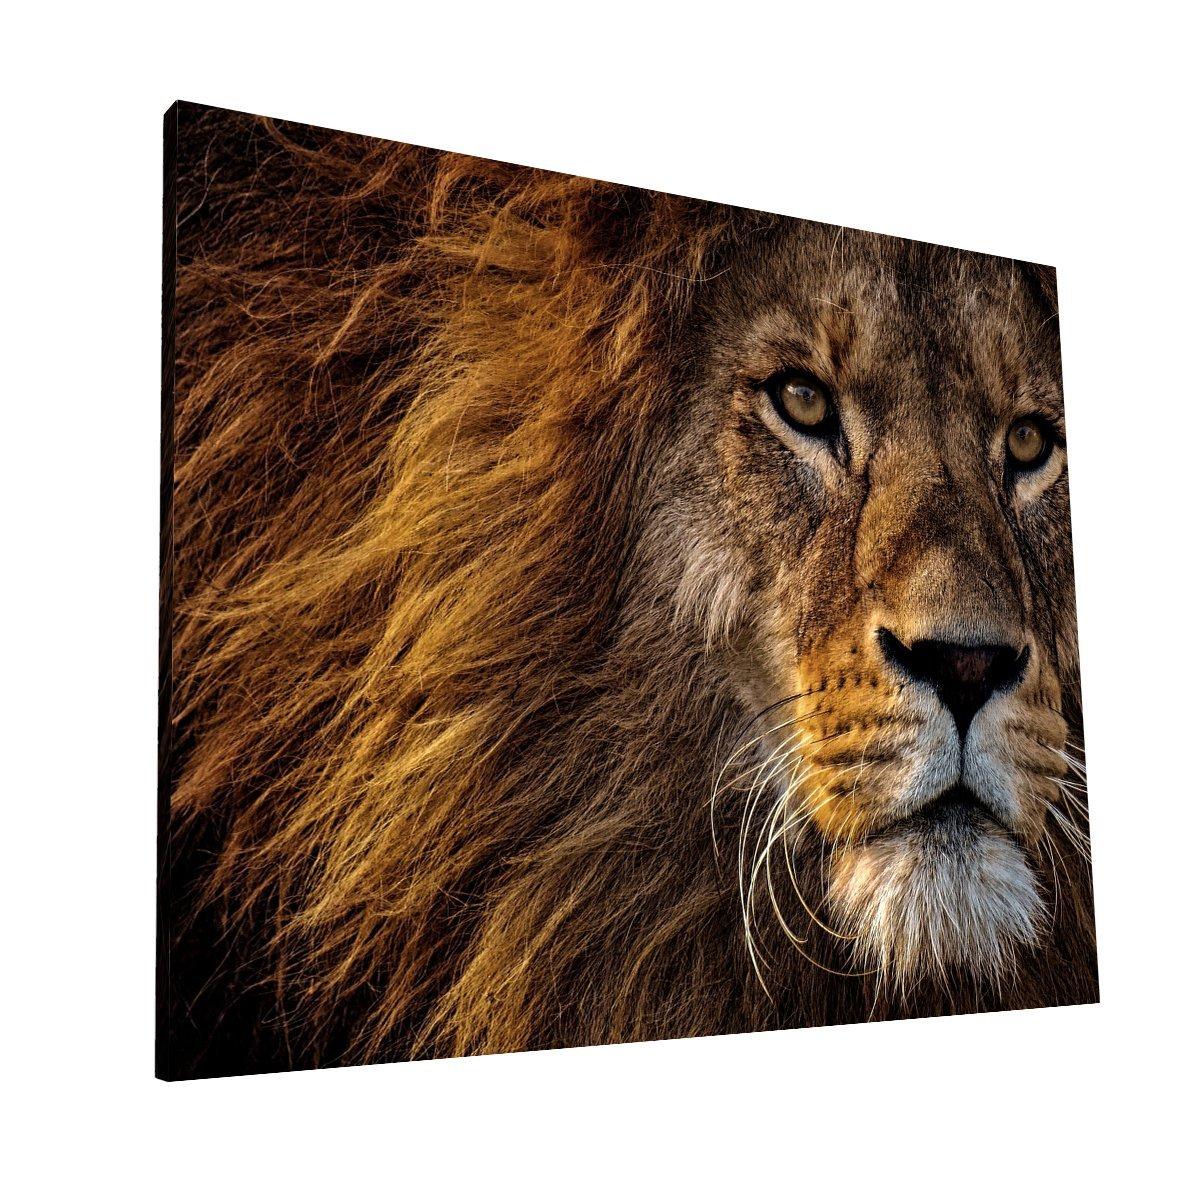 Mirada de León CANVAS H 1 Krea Canvas - Cuadros Decorativos Para Salas